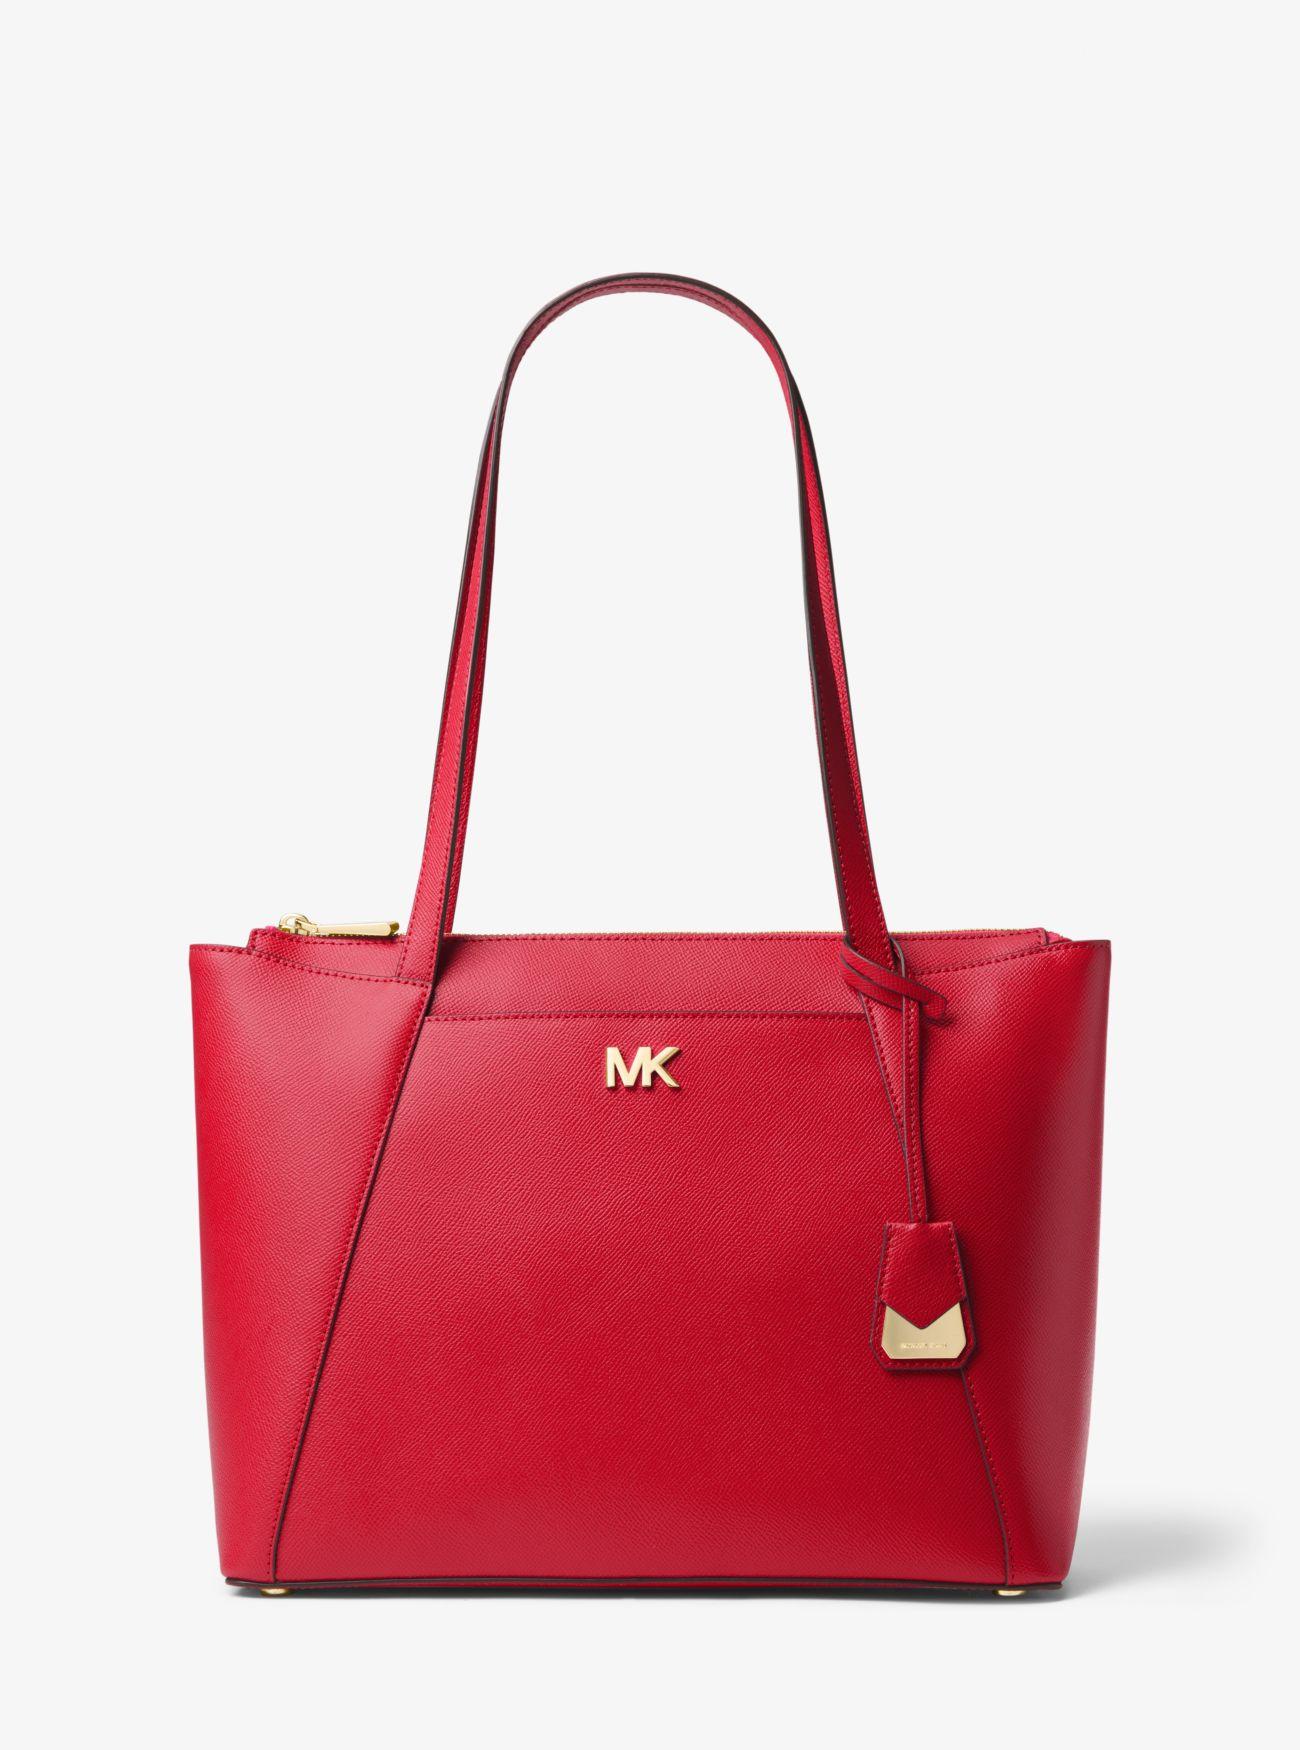 Michael Kors Tasche mit Rechnung schwarz Gold MK